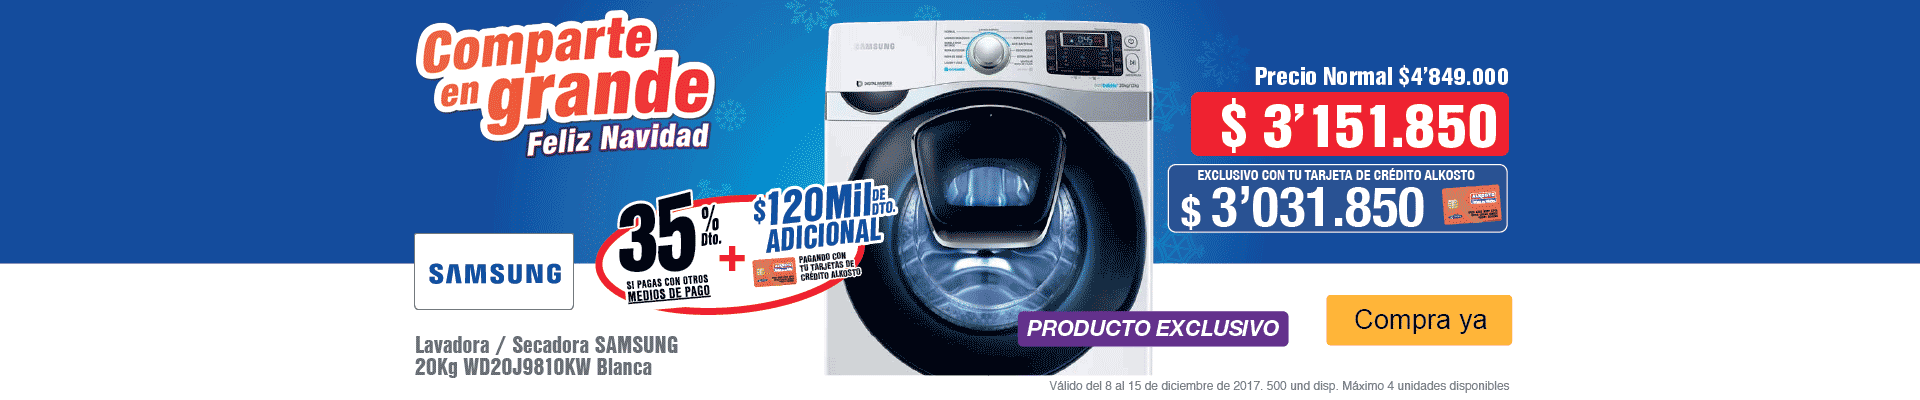 PPAL-AK4-LB-lavadora-secadora-samsung-20kg-wd20j9810kw-prod-dic8-15